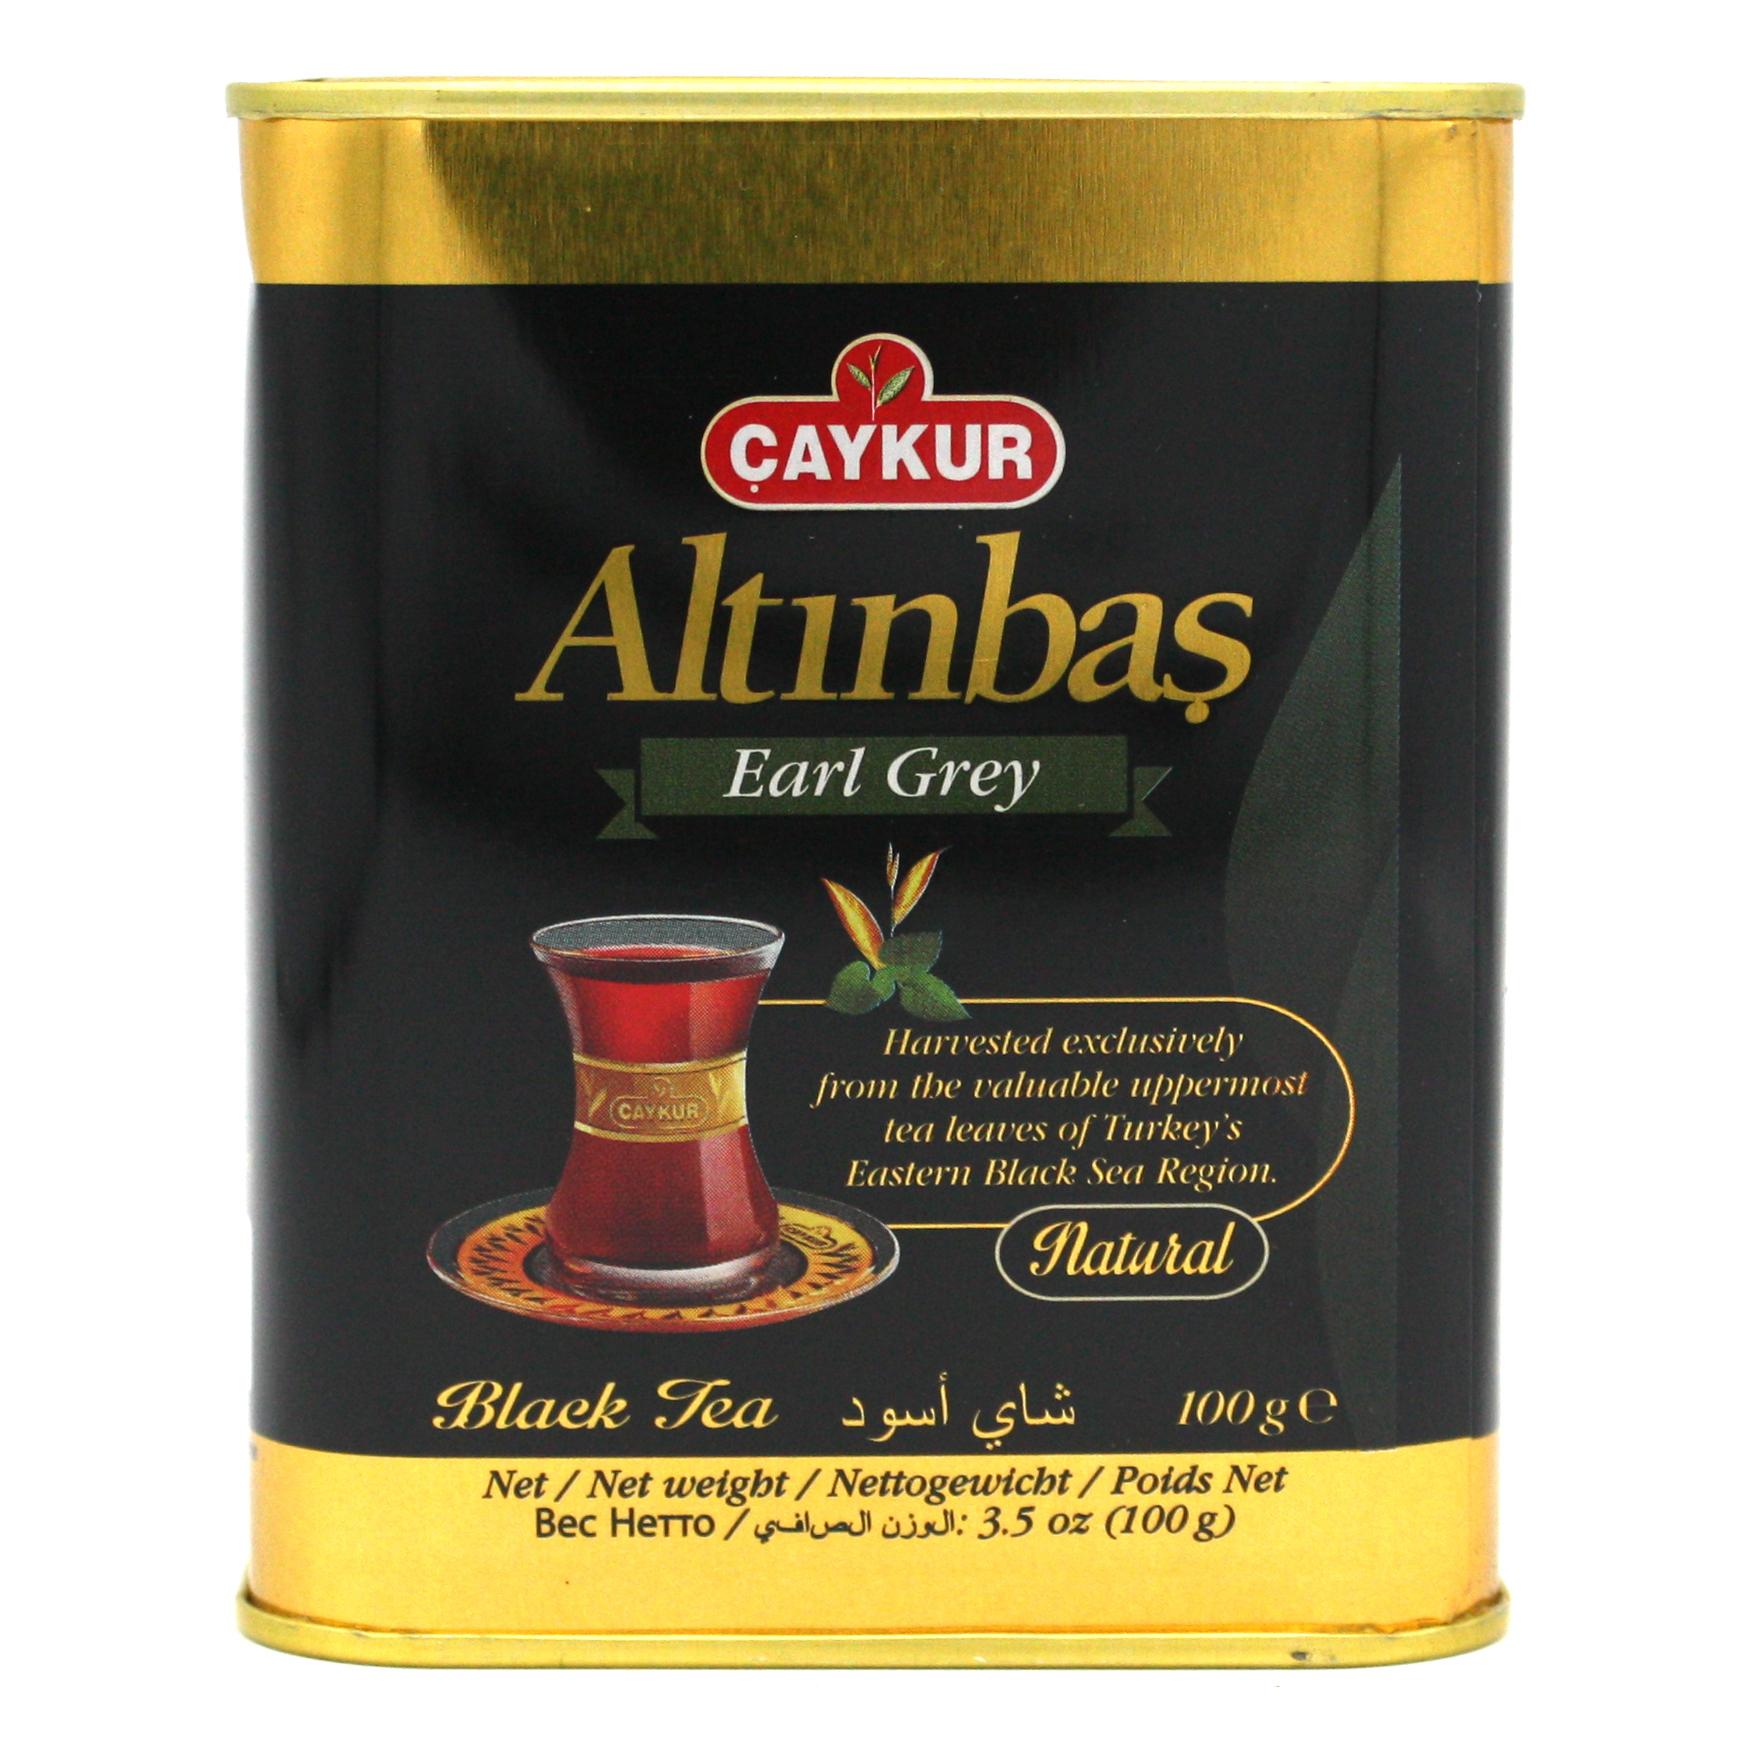 Чай Турецкий черный чай с бергамотом Altinbas, Çaykur, 100 г import_files_d9_d9ec985a34d611e9a9a6484d7ecee297_727868fa35b211e9a9a6484d7ecee297.jpg